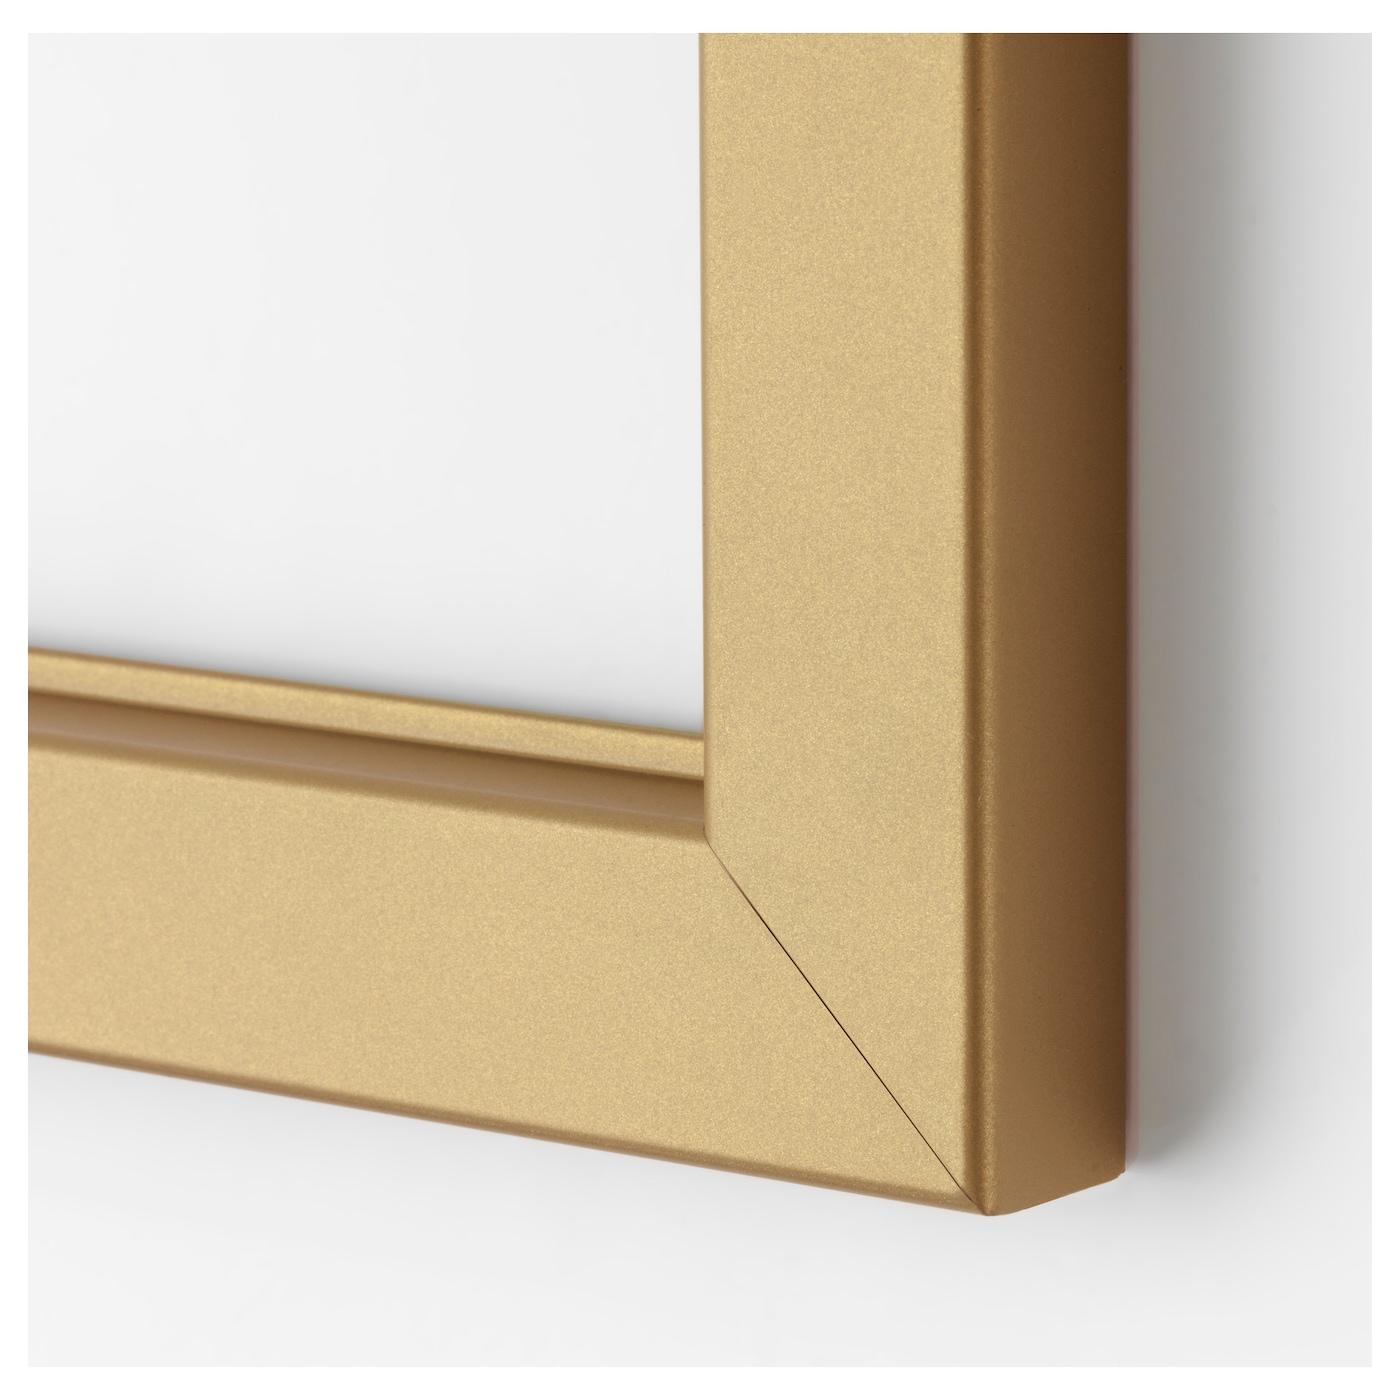 Bj rksta cadre couleur laiton 140x100 cm ikea for Cadres sans cadre ikea